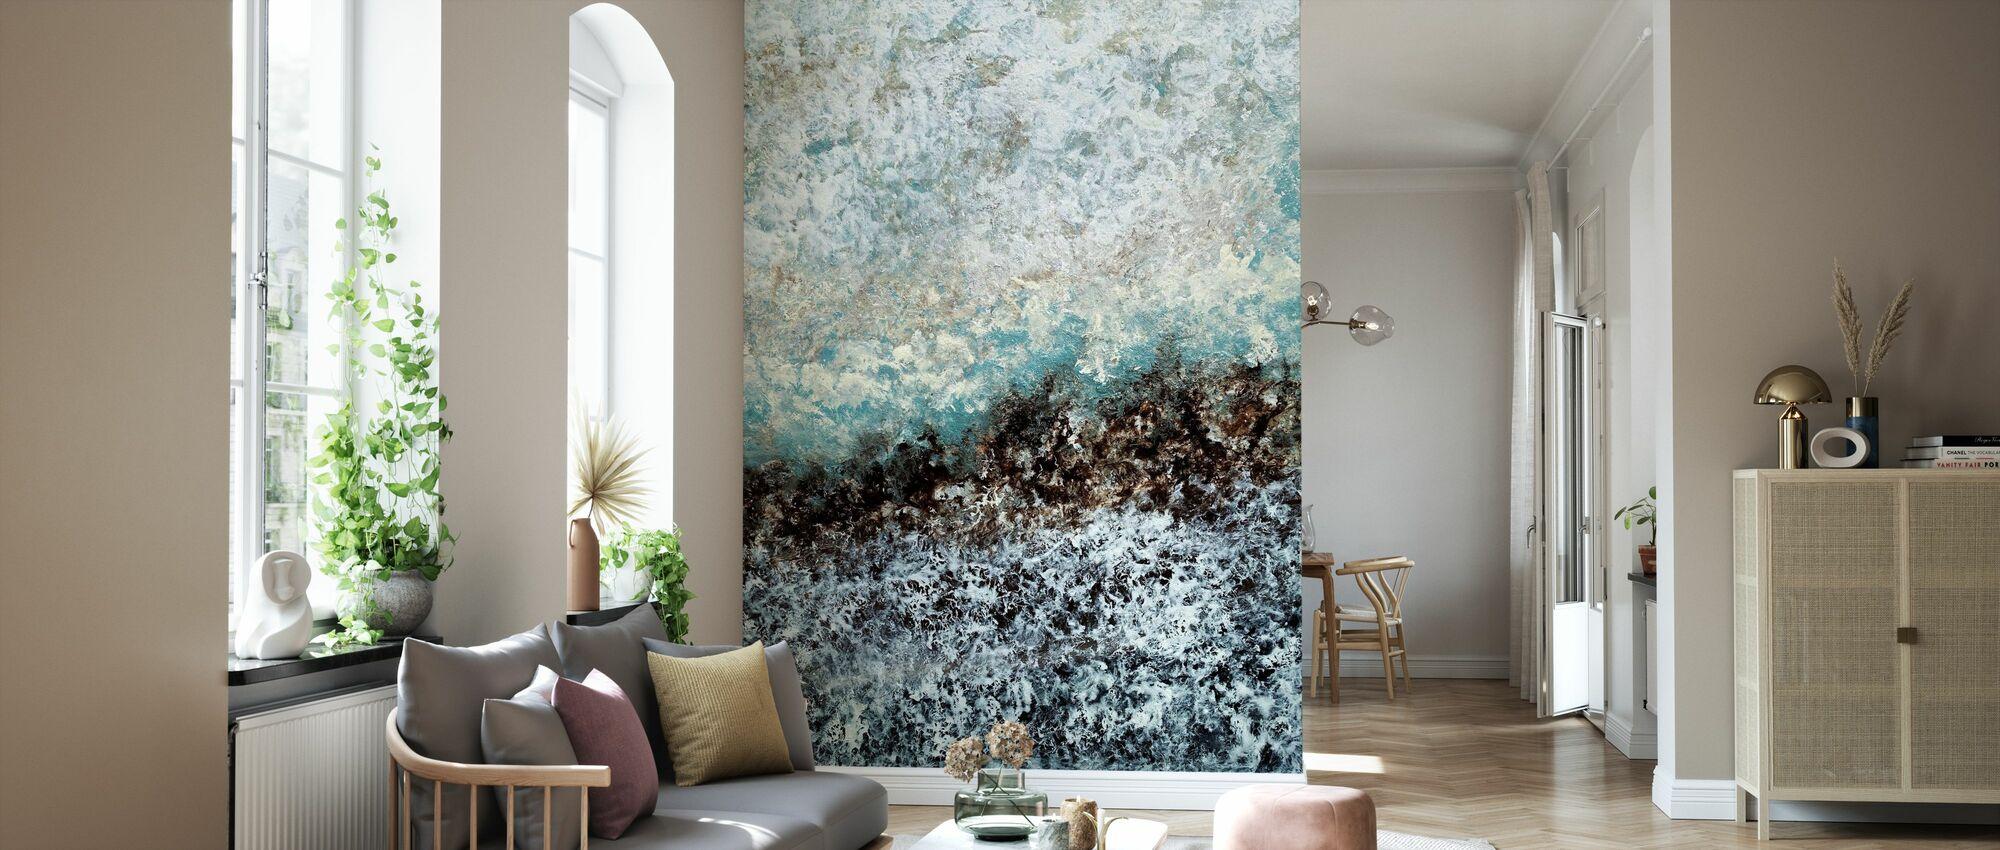 Forever Ago - Wallpaper - Living Room